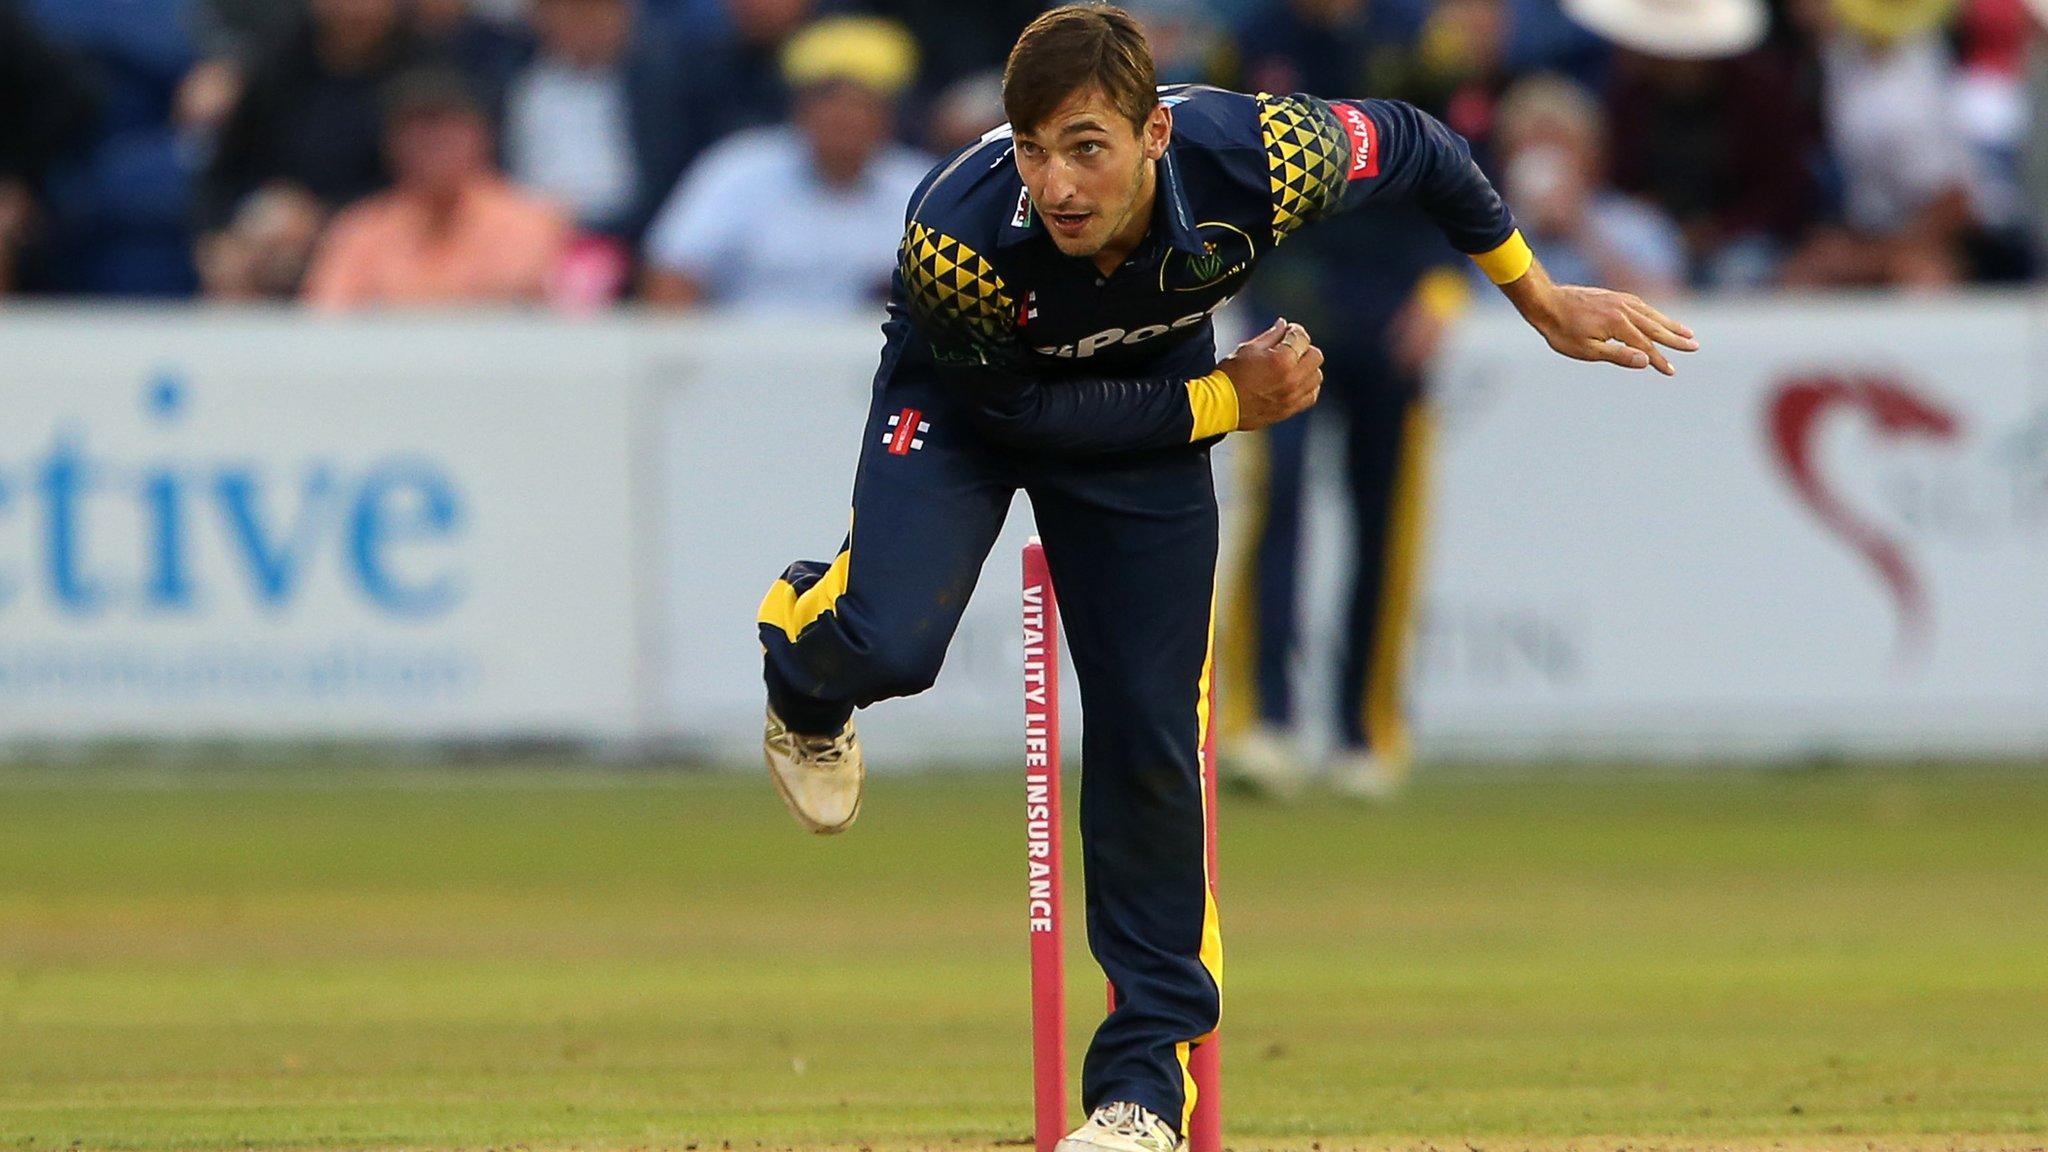 Glamorgan Cricket: Spinner Andrew Salter signs deal extension